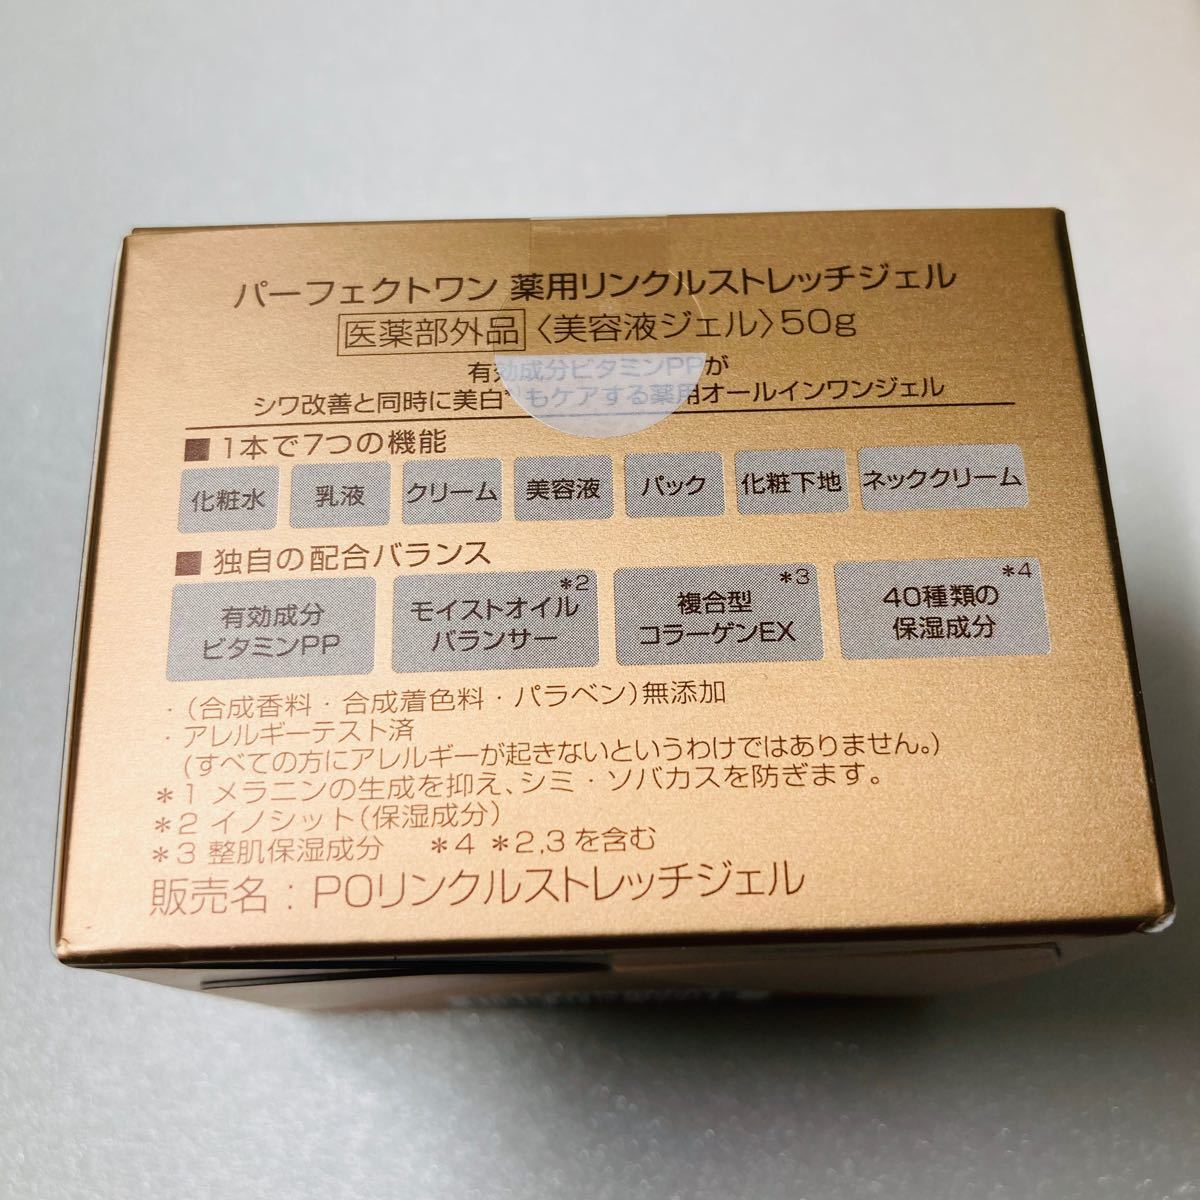 パーフェクトワン 薬用リンクルストレッチジェル 50g 新日本製薬 オールインワンジェル ビタミンPP